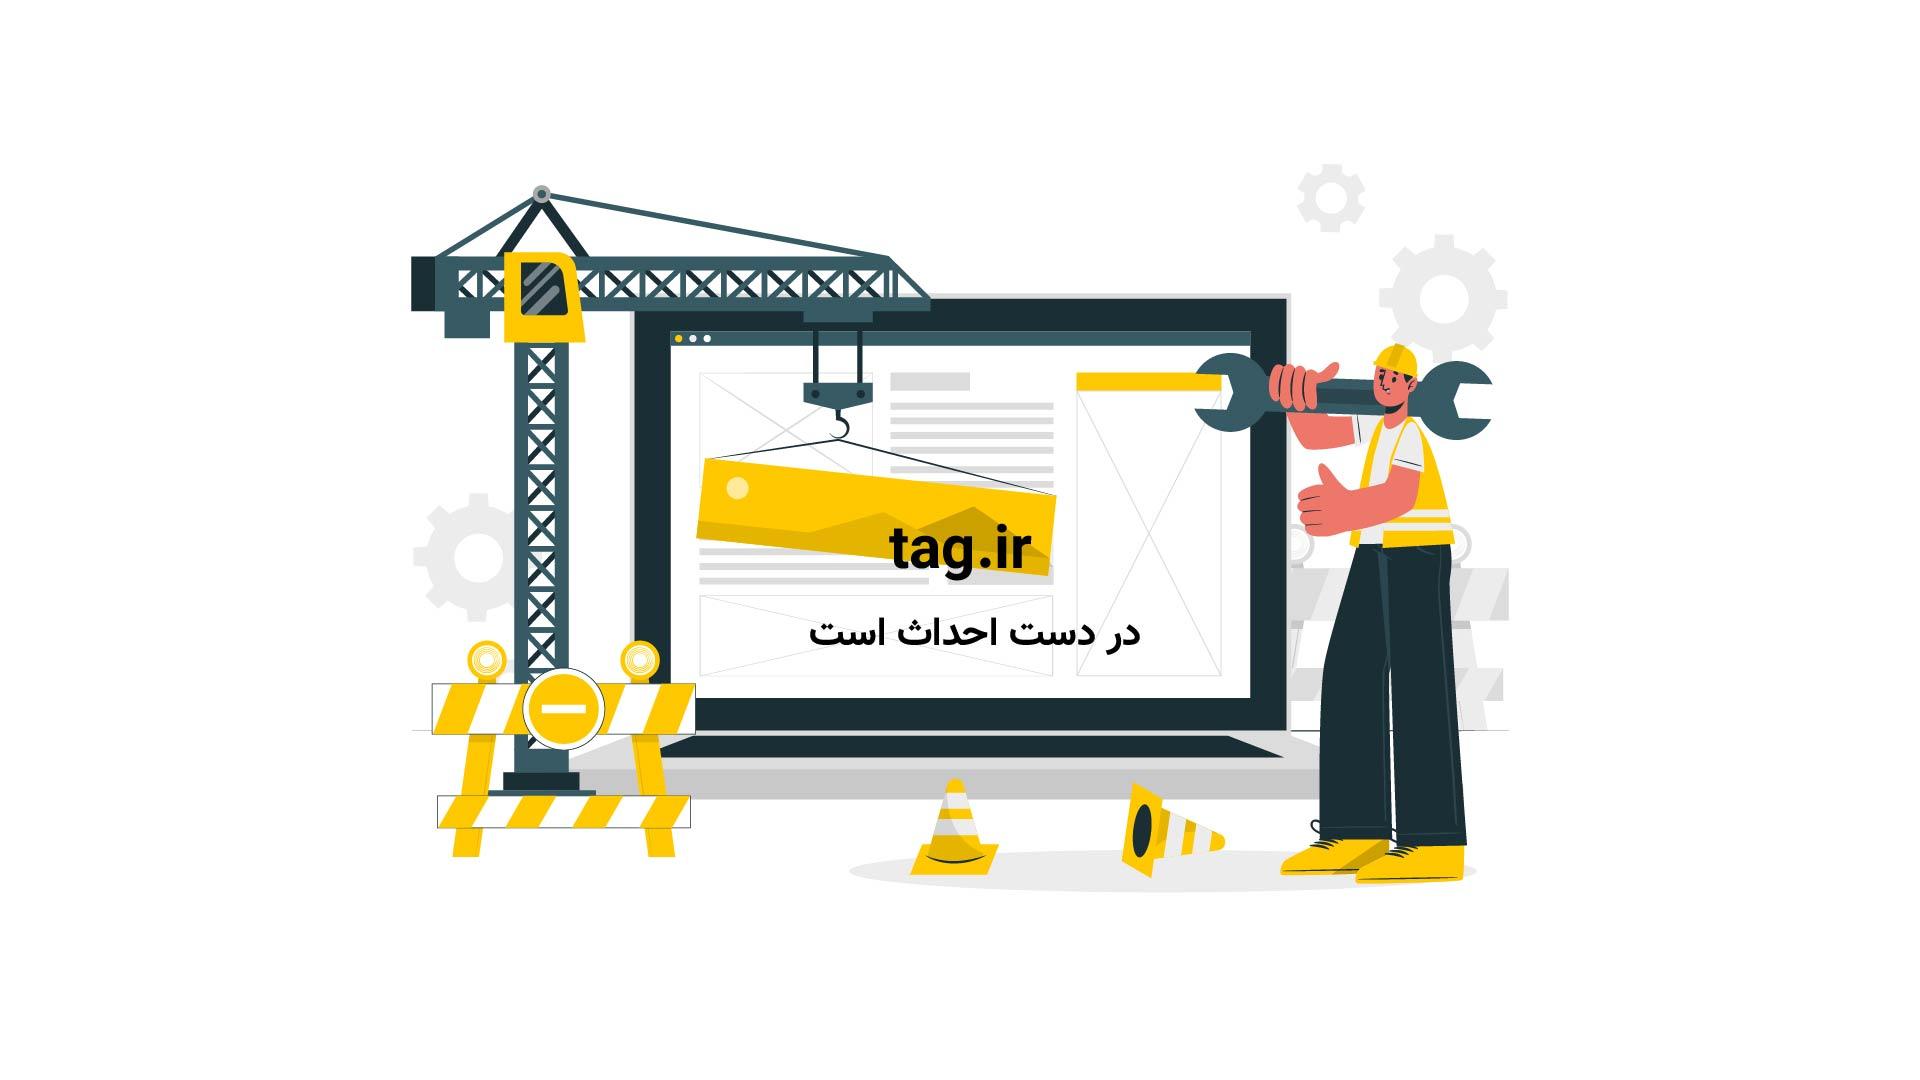 وضعیت اسف بار باغ وحش موصل توسط داعش | فیلم